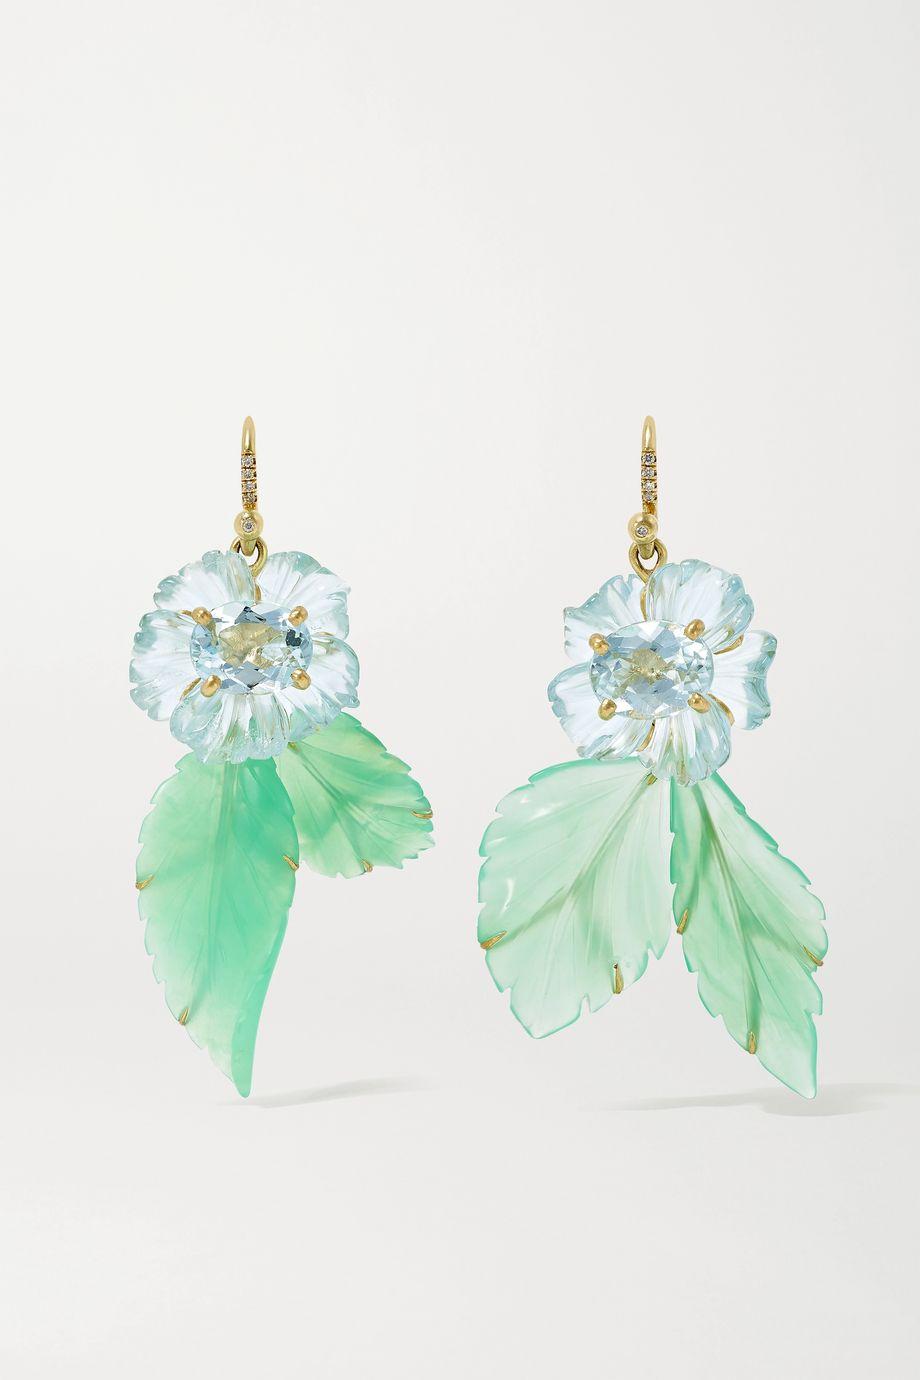 Irene Neuwirth Boucles d'oreilles en or 18 carats et pierres multiples Tropical Flower